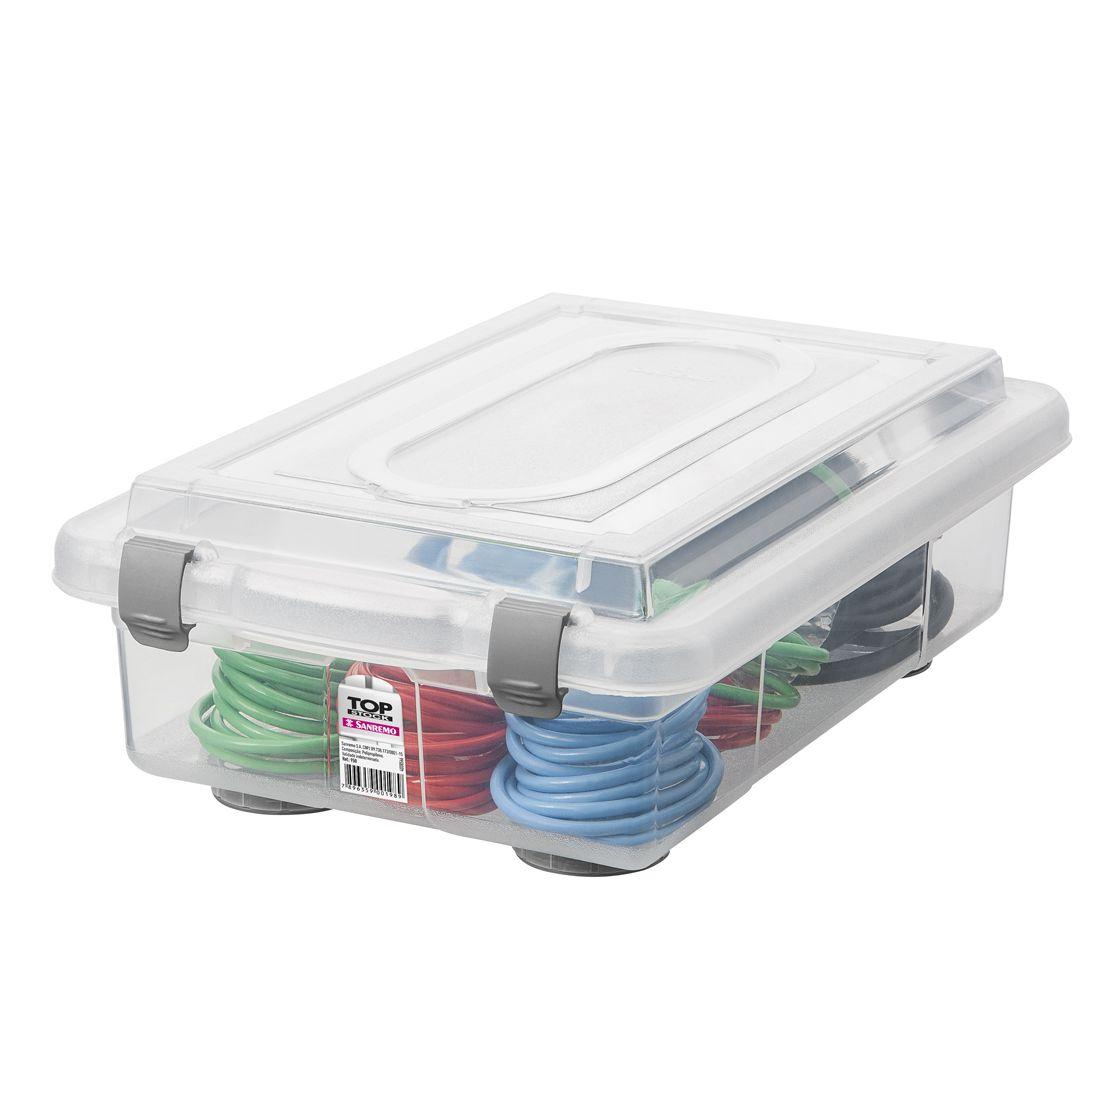 Caixa Organizadora 2,3L de Plástico com Grampos de Fechamento Sanremo Transparente